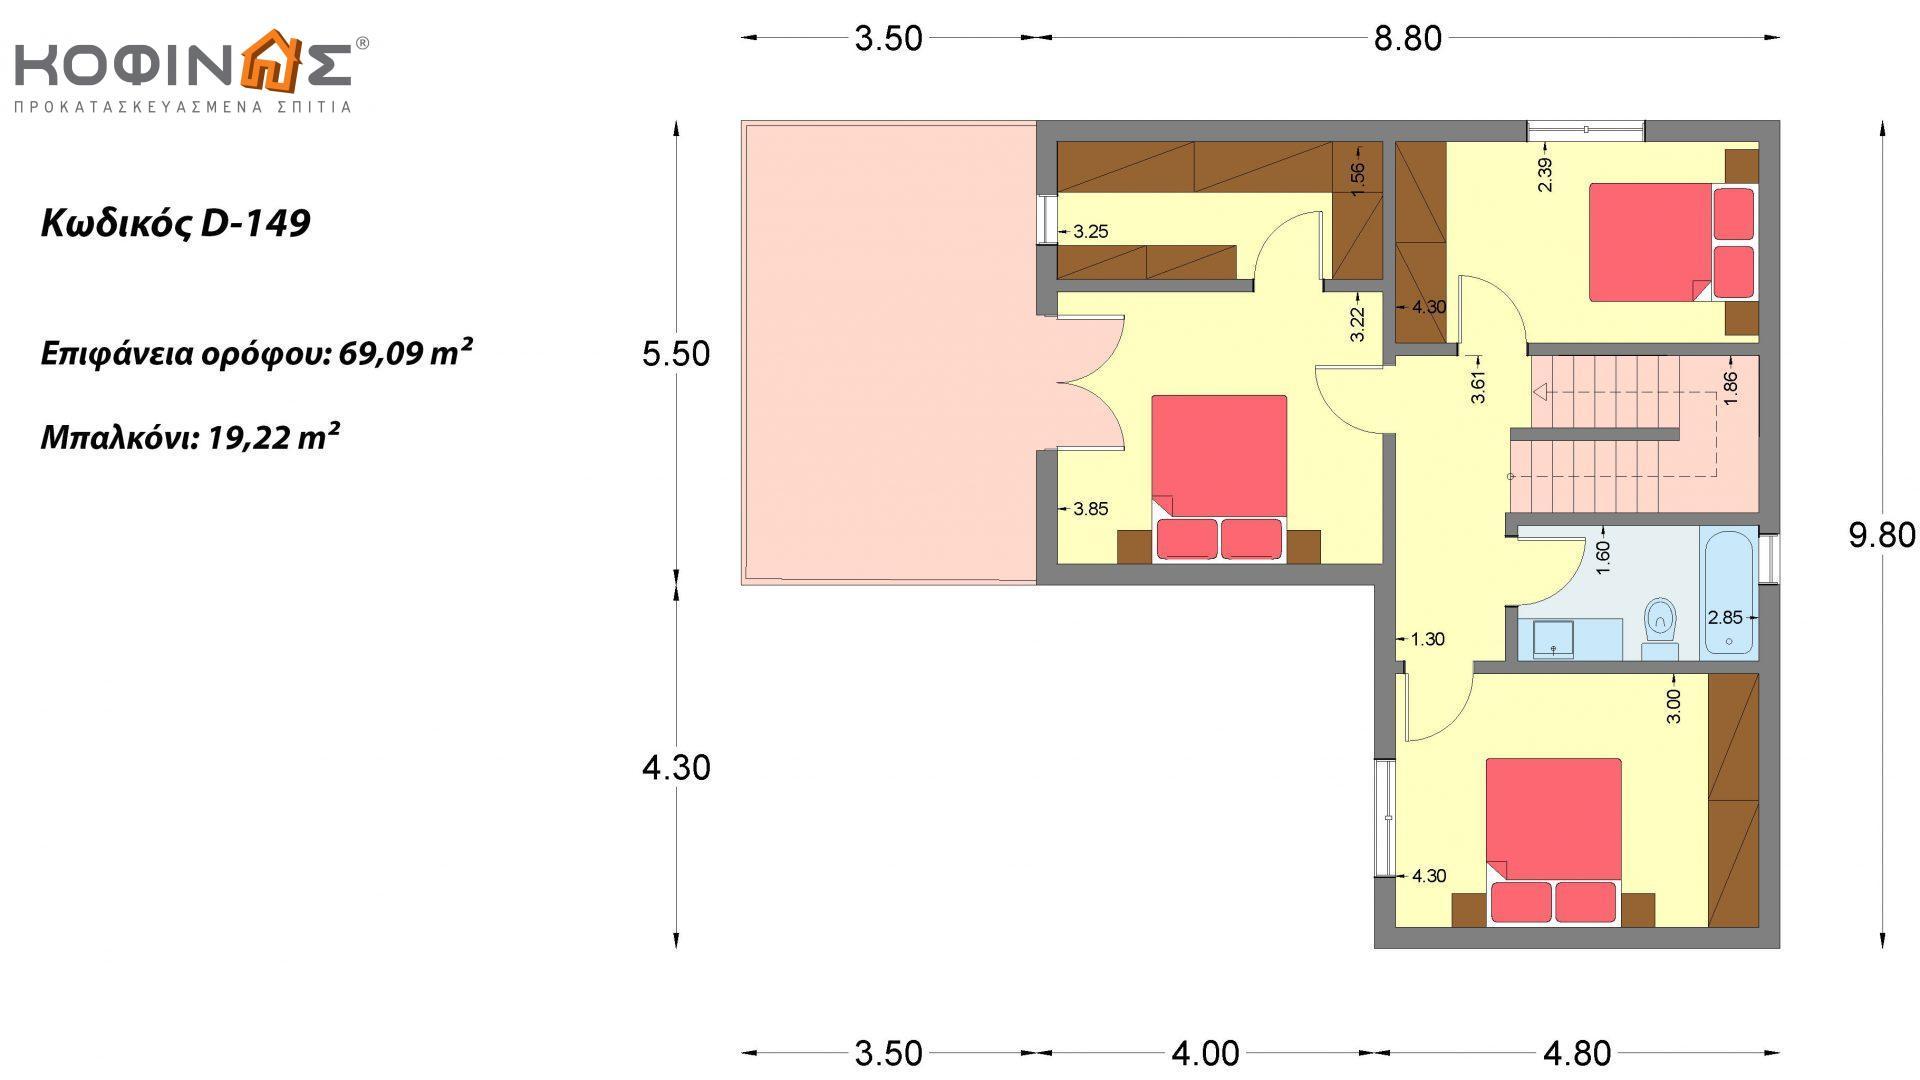 Διώροφη Κατοικία D-149, συνολικής επιφάνειας 149,13 τ.μ., συνολική επιφάνεια στεγασμένων χώρων 36.47 τ.μ., μπαλκόνι 19.22 τ.μ.